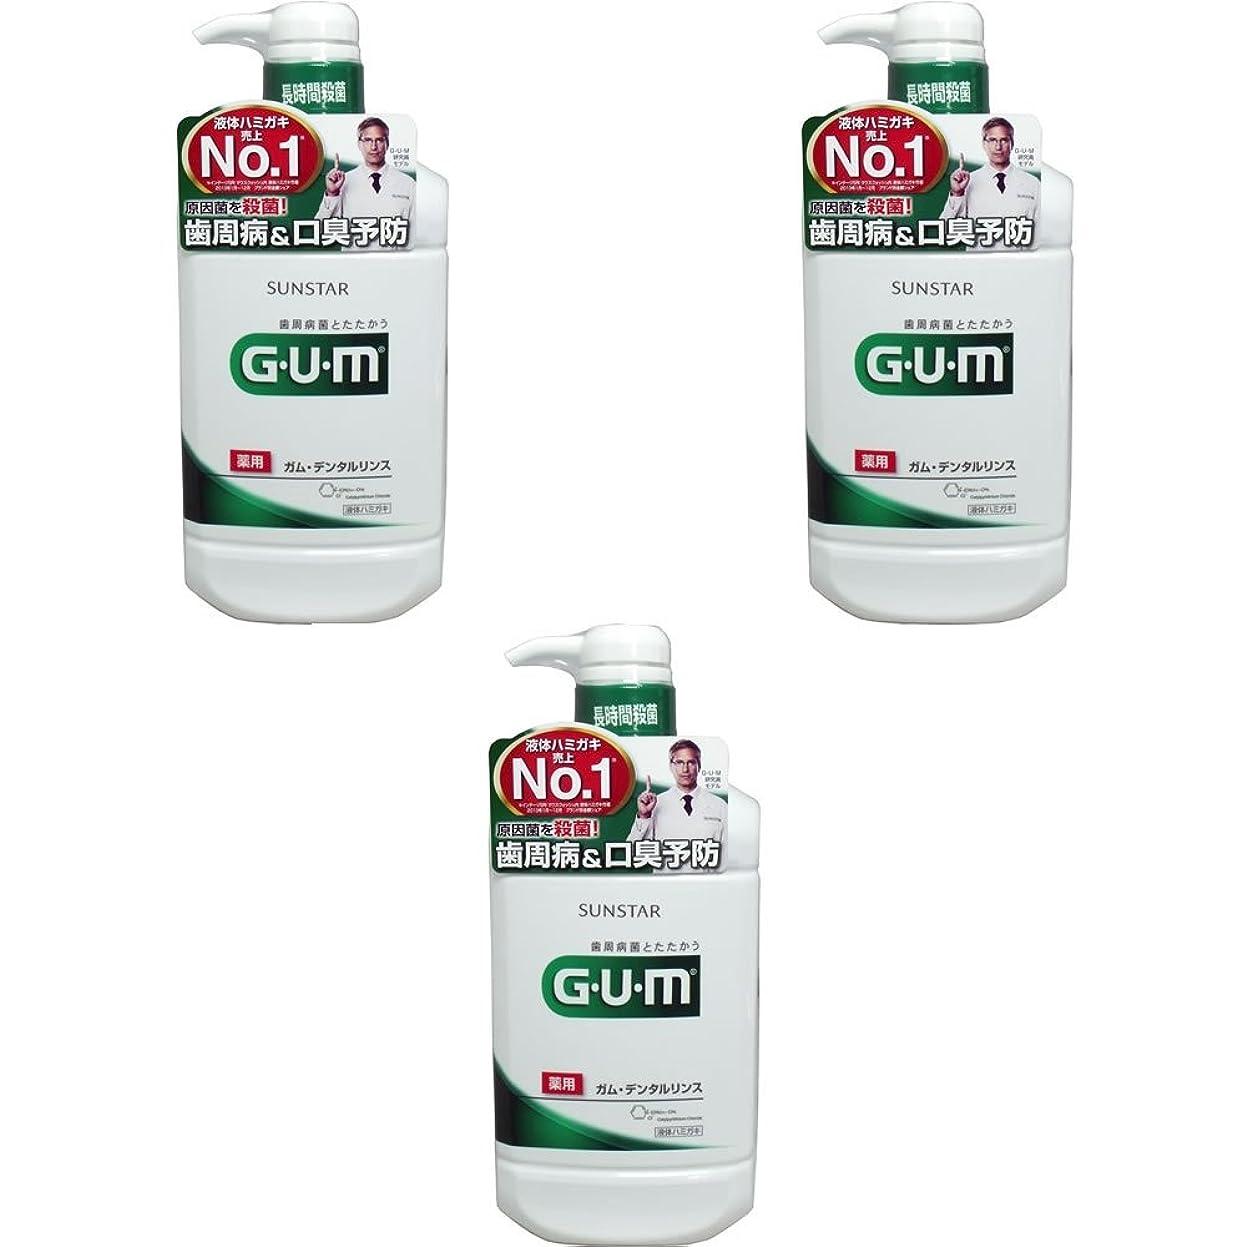 バットアトミック予想外【セット品】GUM(ガム)?デンタルリンス (レギュラータイプ) 960mL (医薬部外品) 3個